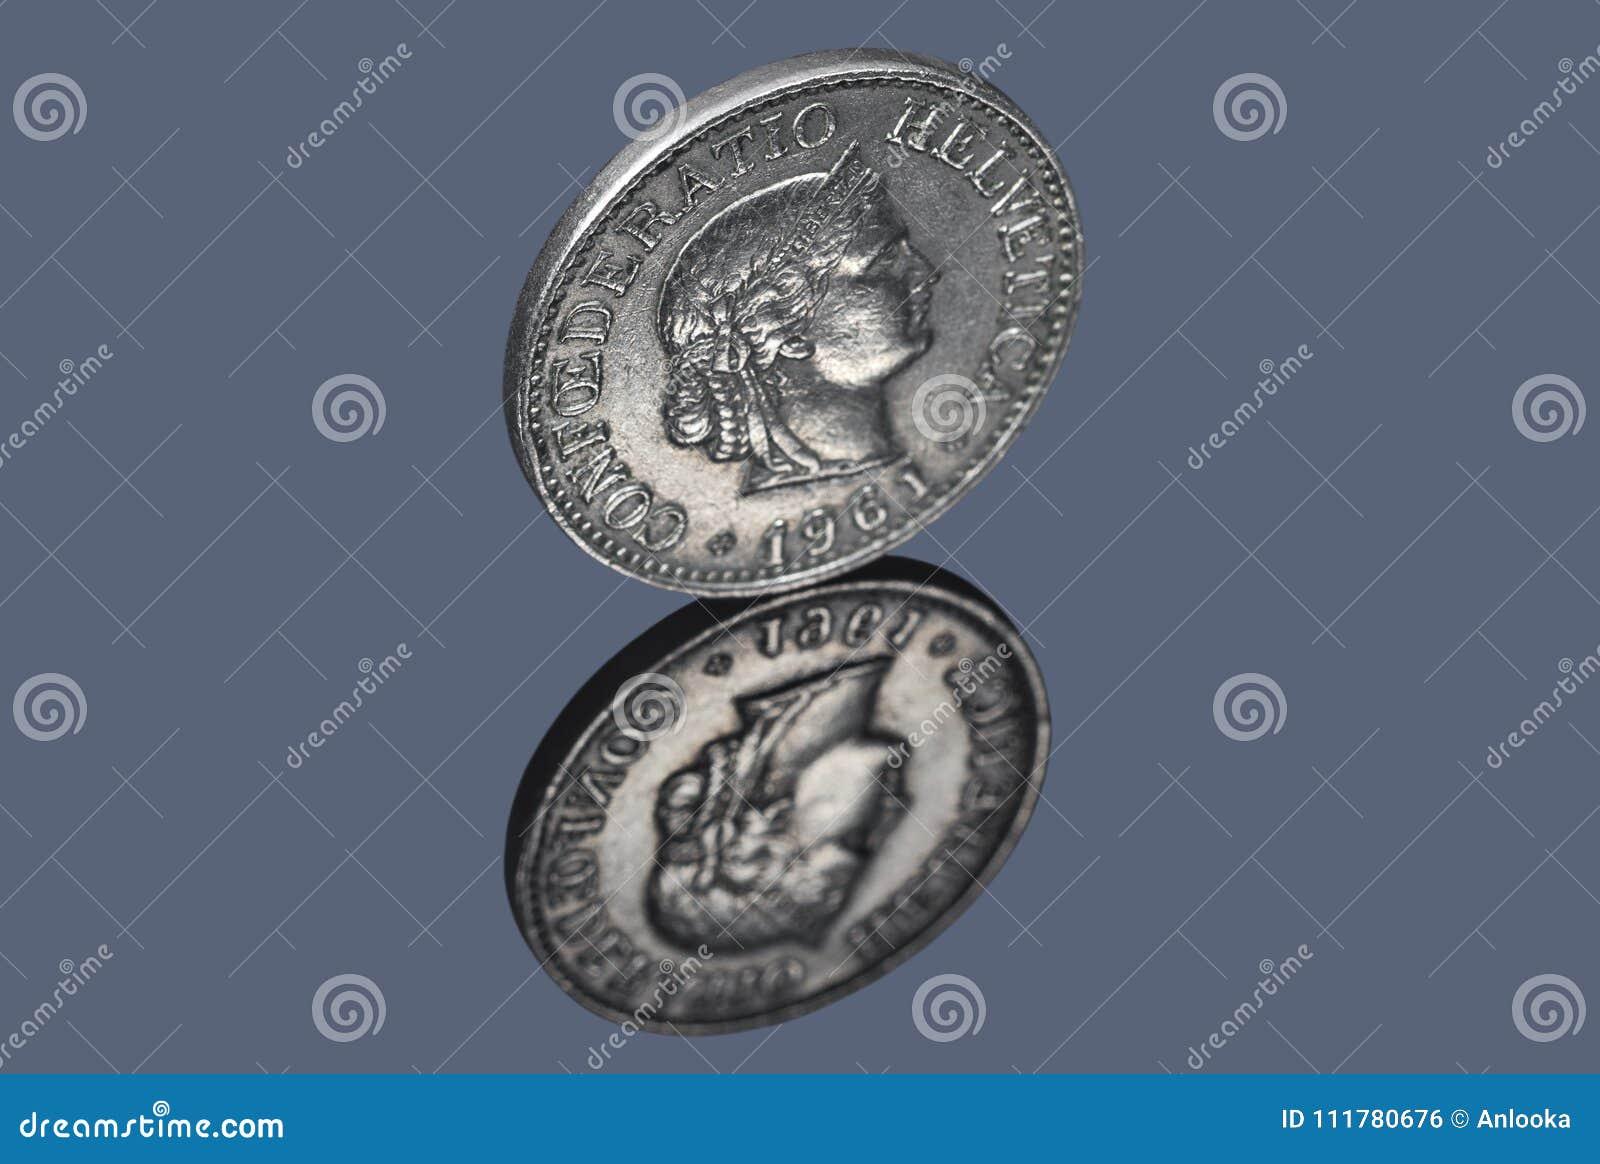 Swiss coin of ten centimes on dark background